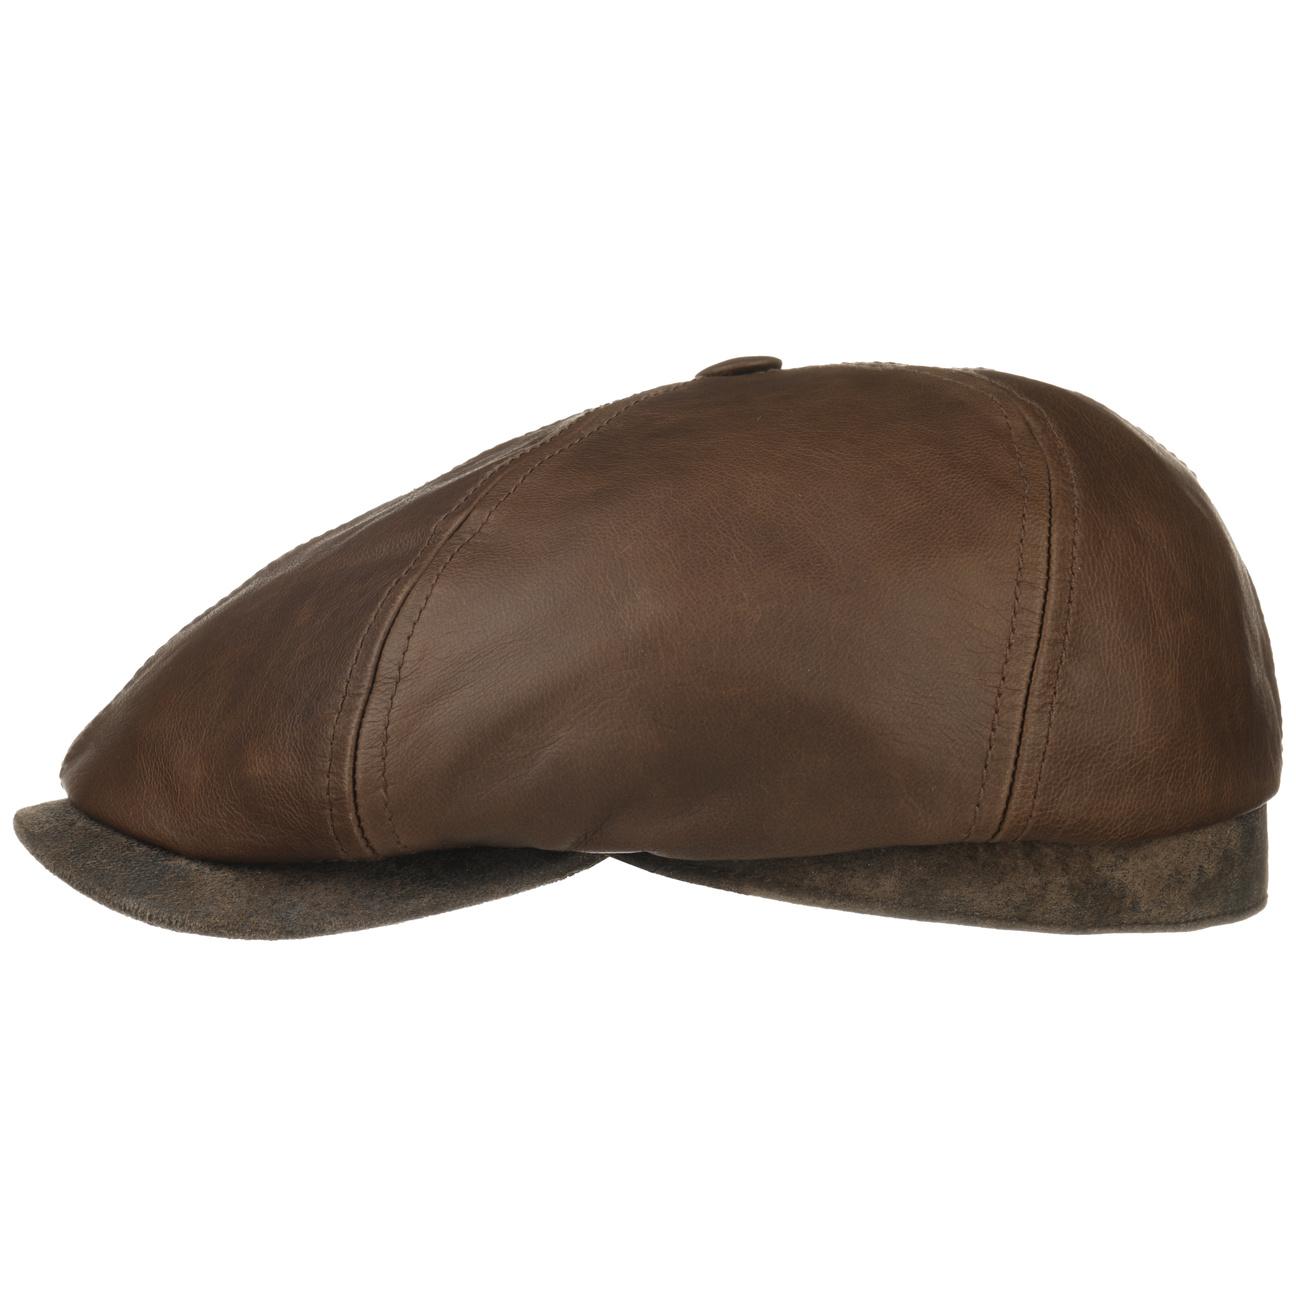 brooklin-leder-flatcap-by-stetson-leder-mutzen